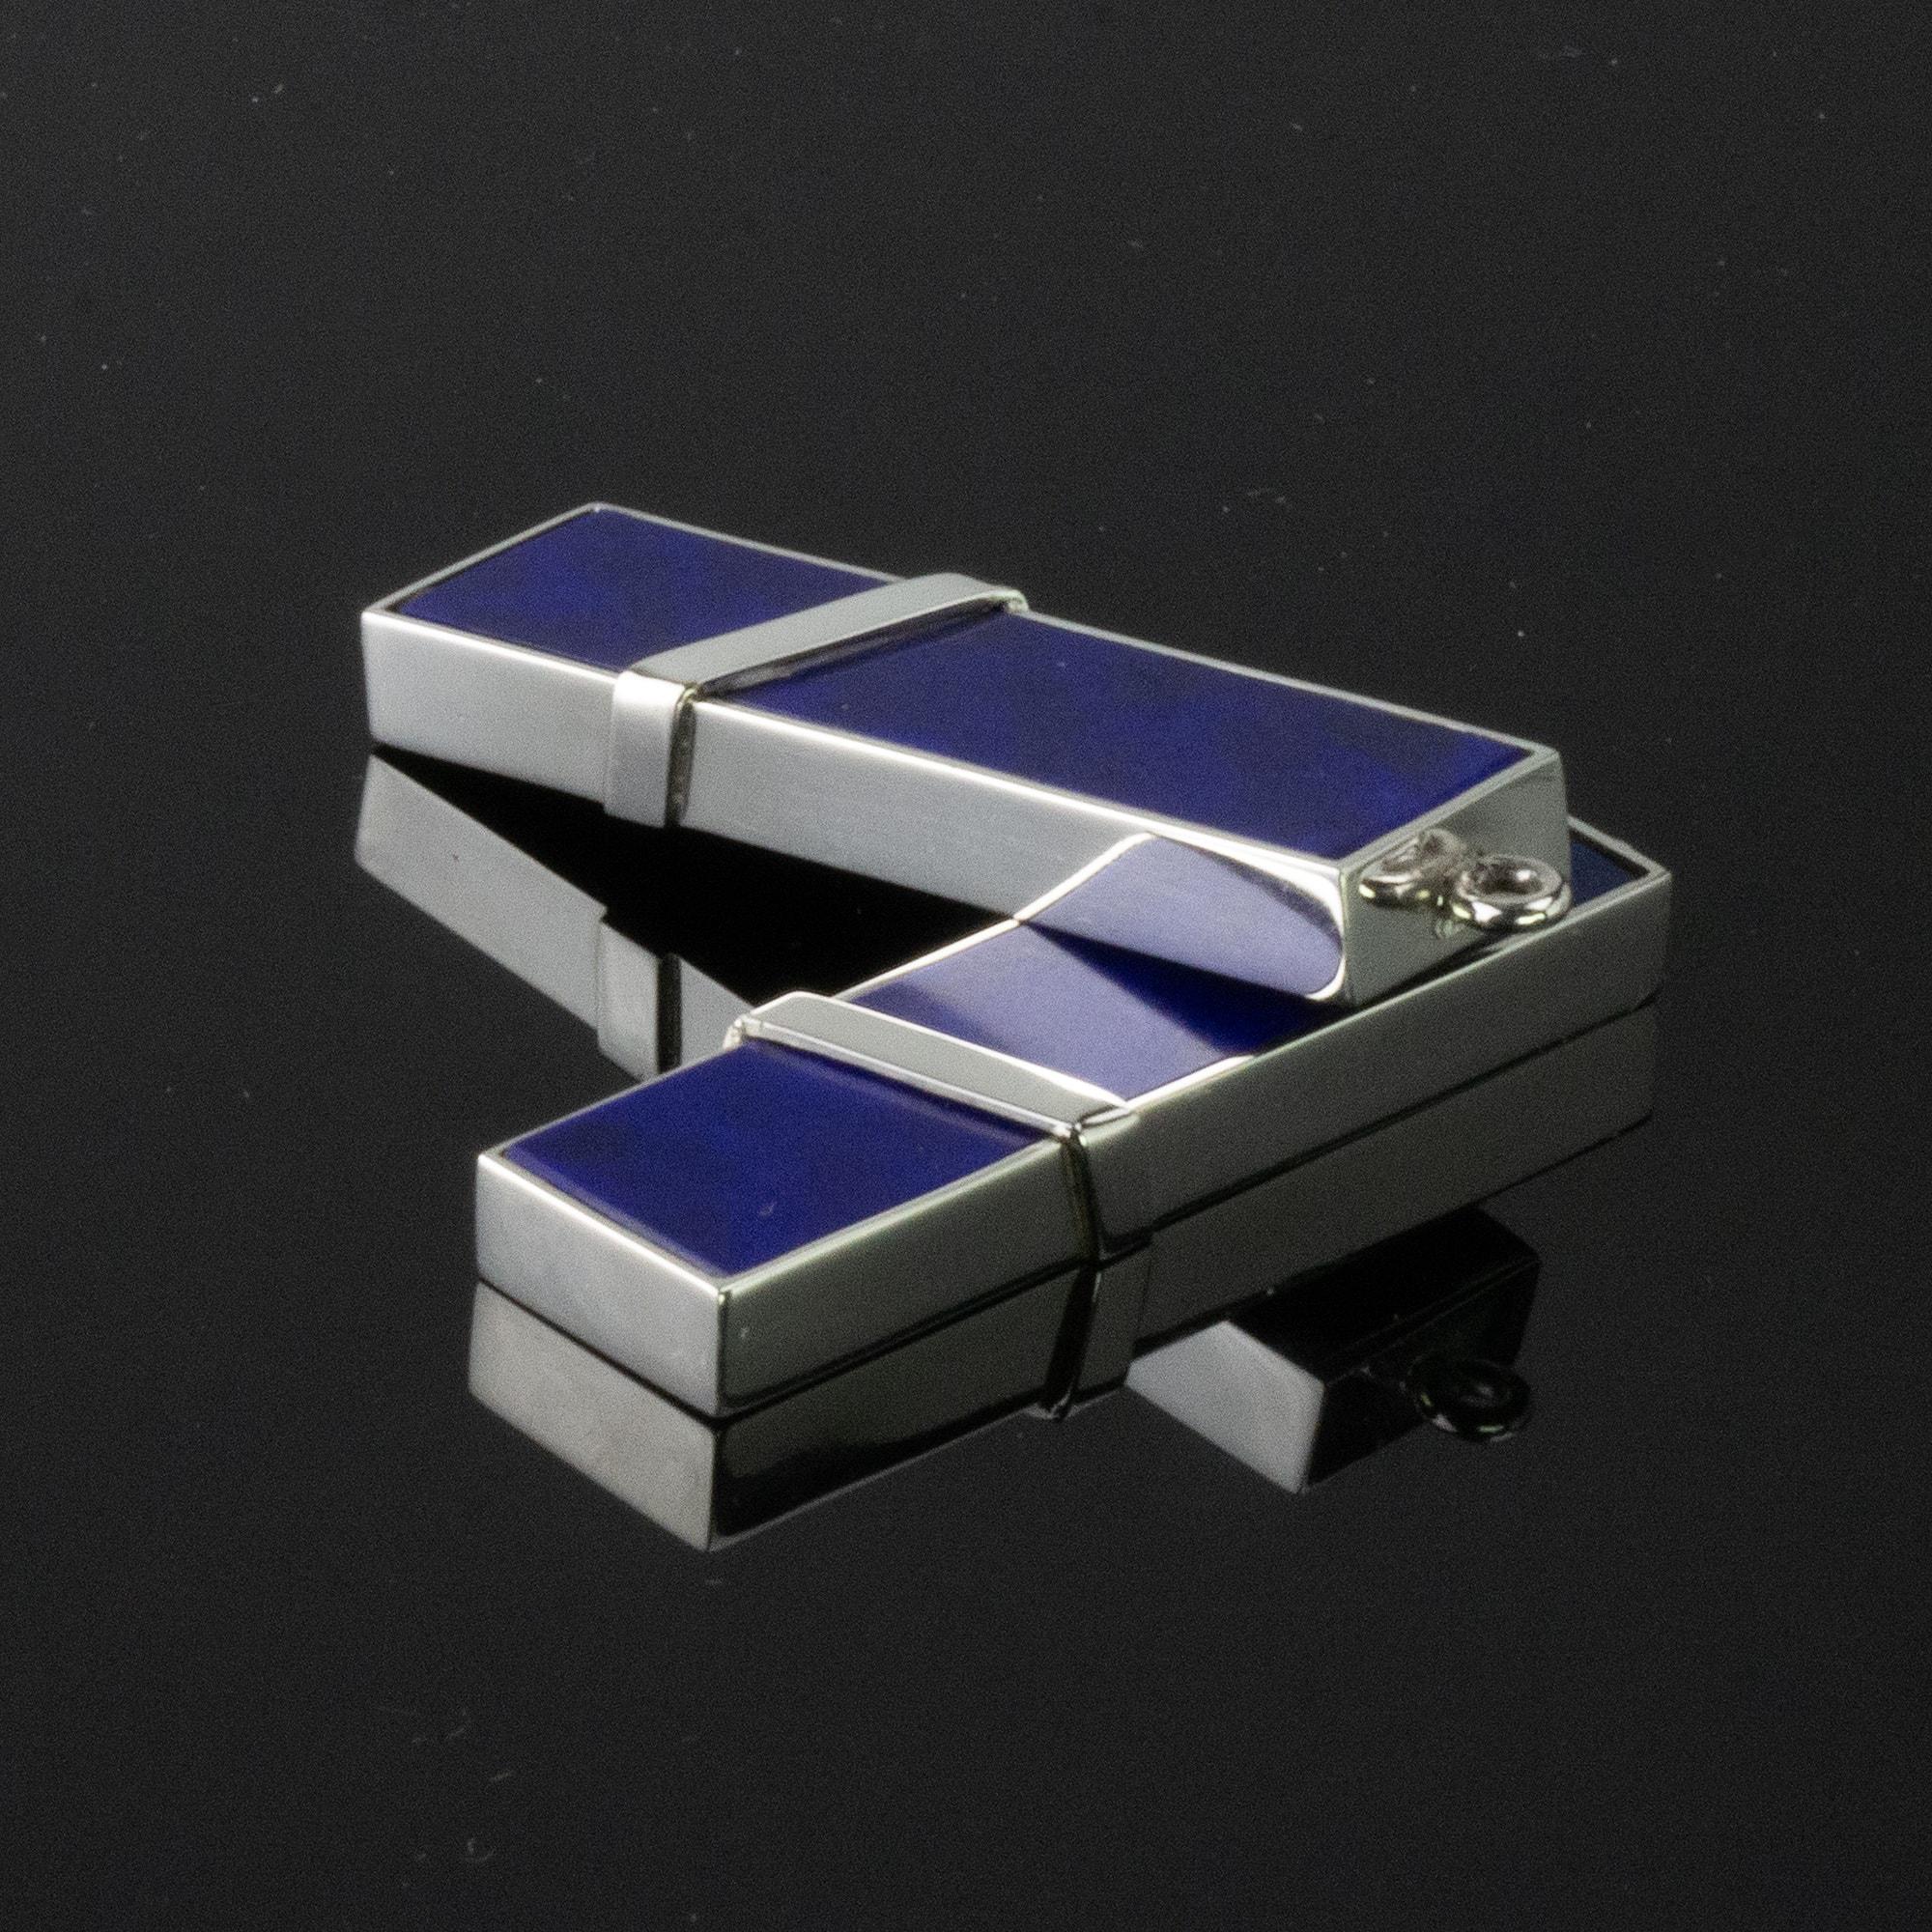 lapis-tower-earrings-fallen-2k-sq